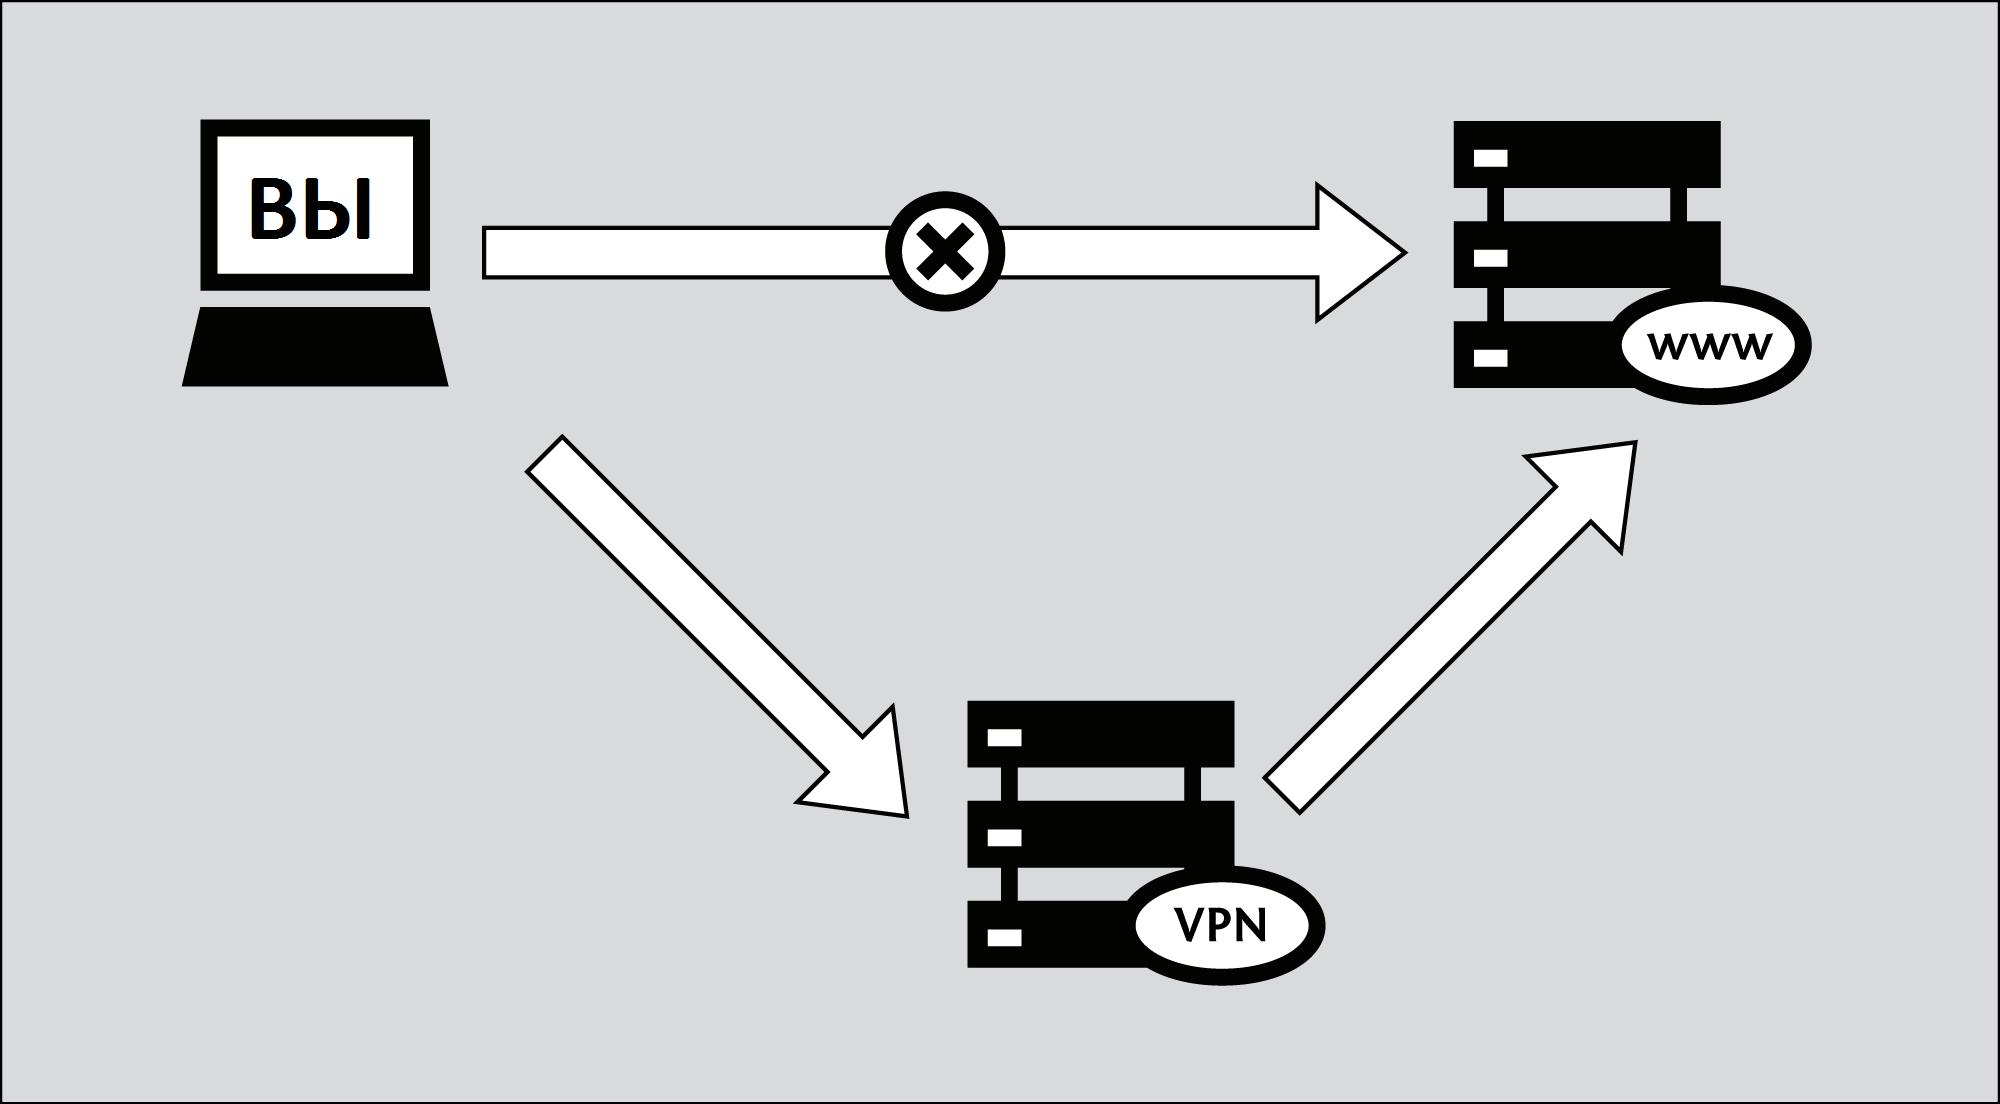 Рис. 1. Принцип работы VPN